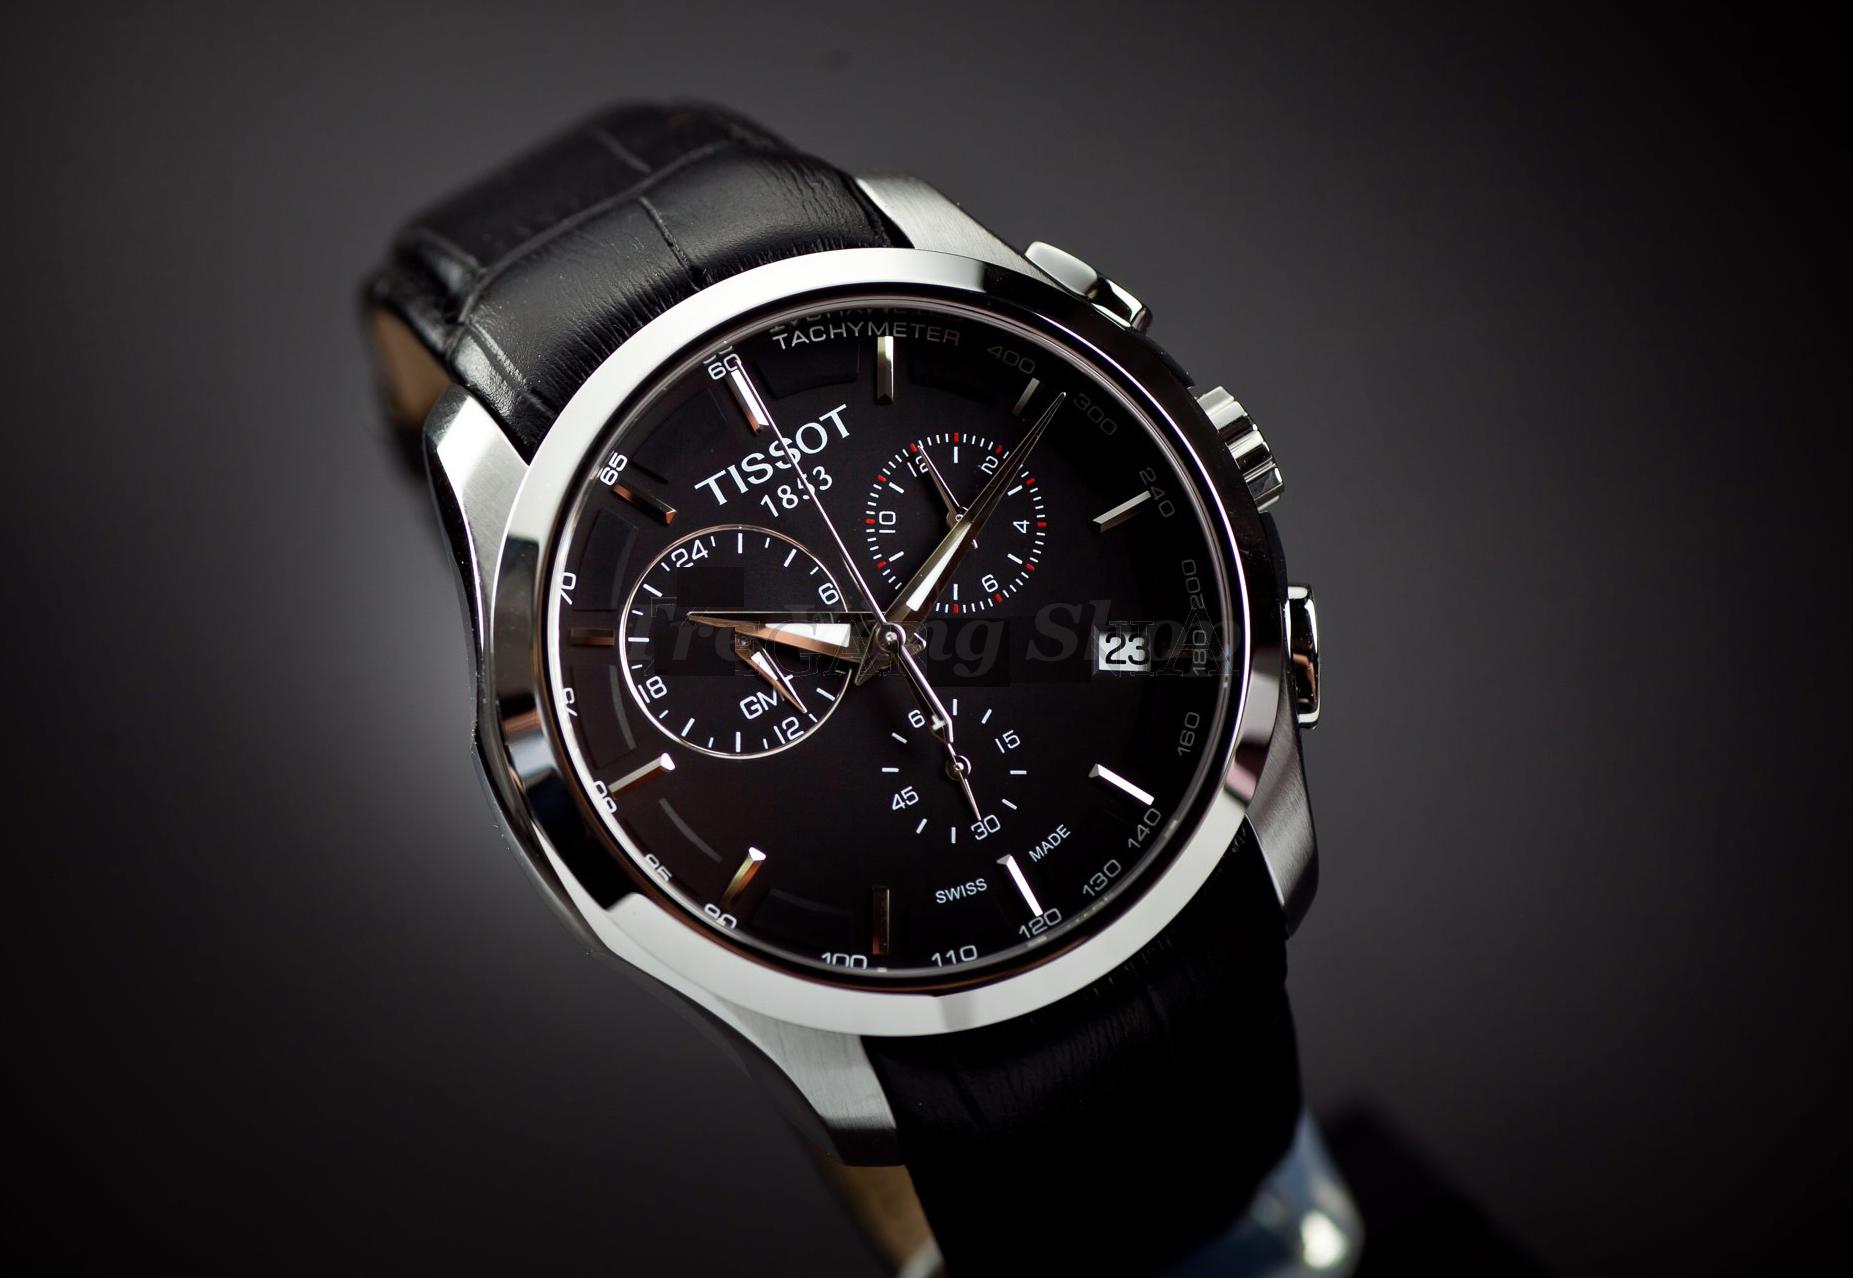 Đồng hồ nam Tissot 1853 T035.439.16.051.00 T-Sport đá sapphia đen, dây da đen mềm